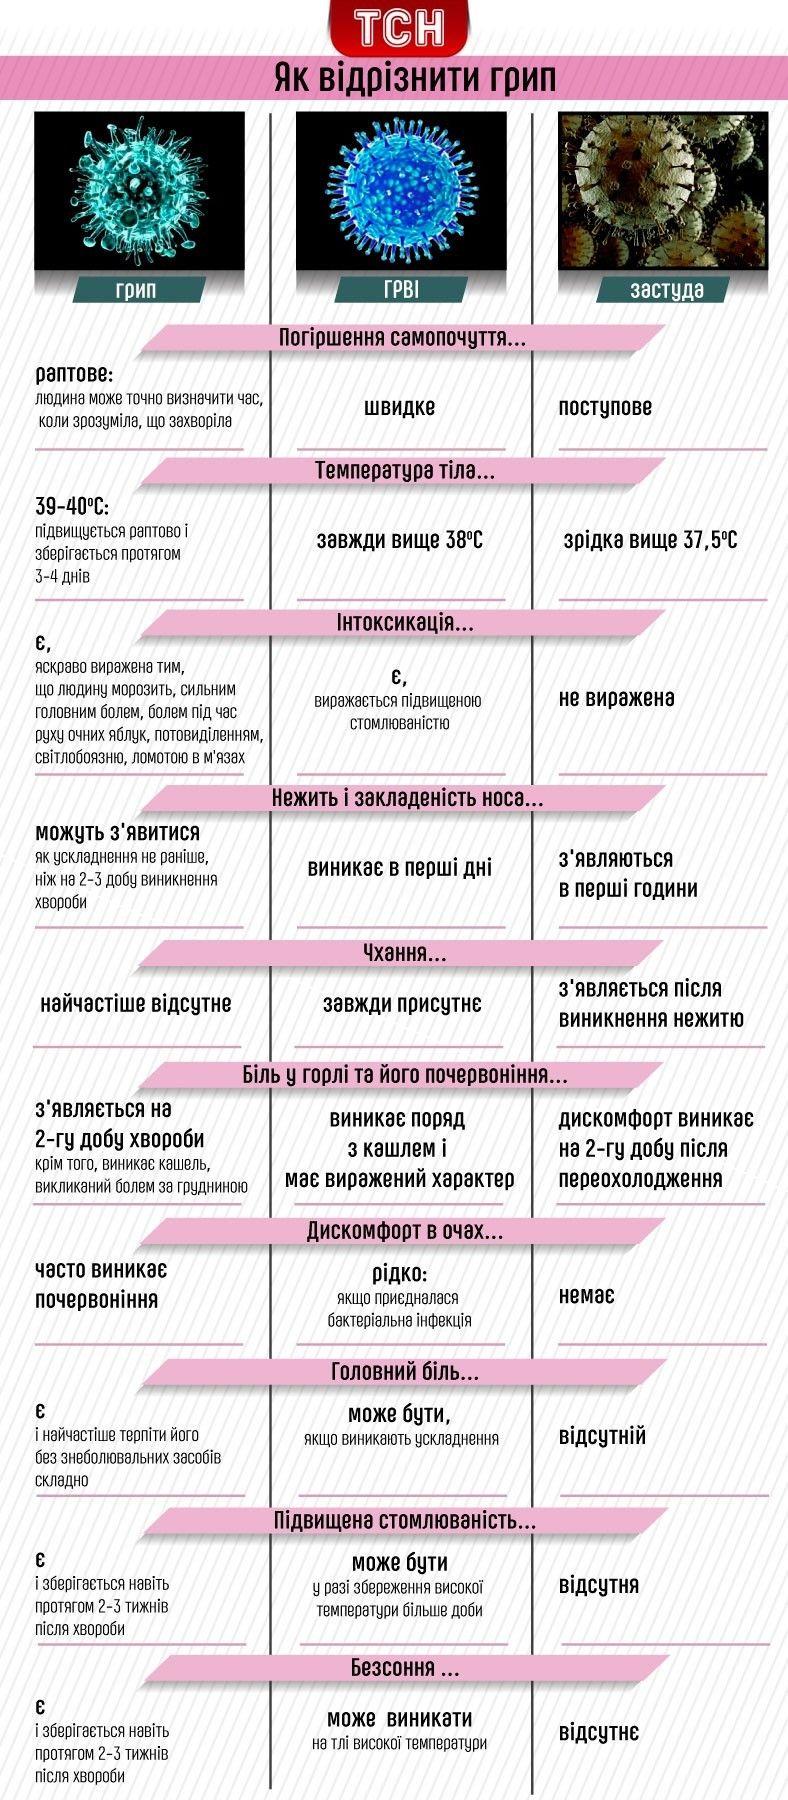 Инфографика о том, как отличить грипп от других простудных заболеваний